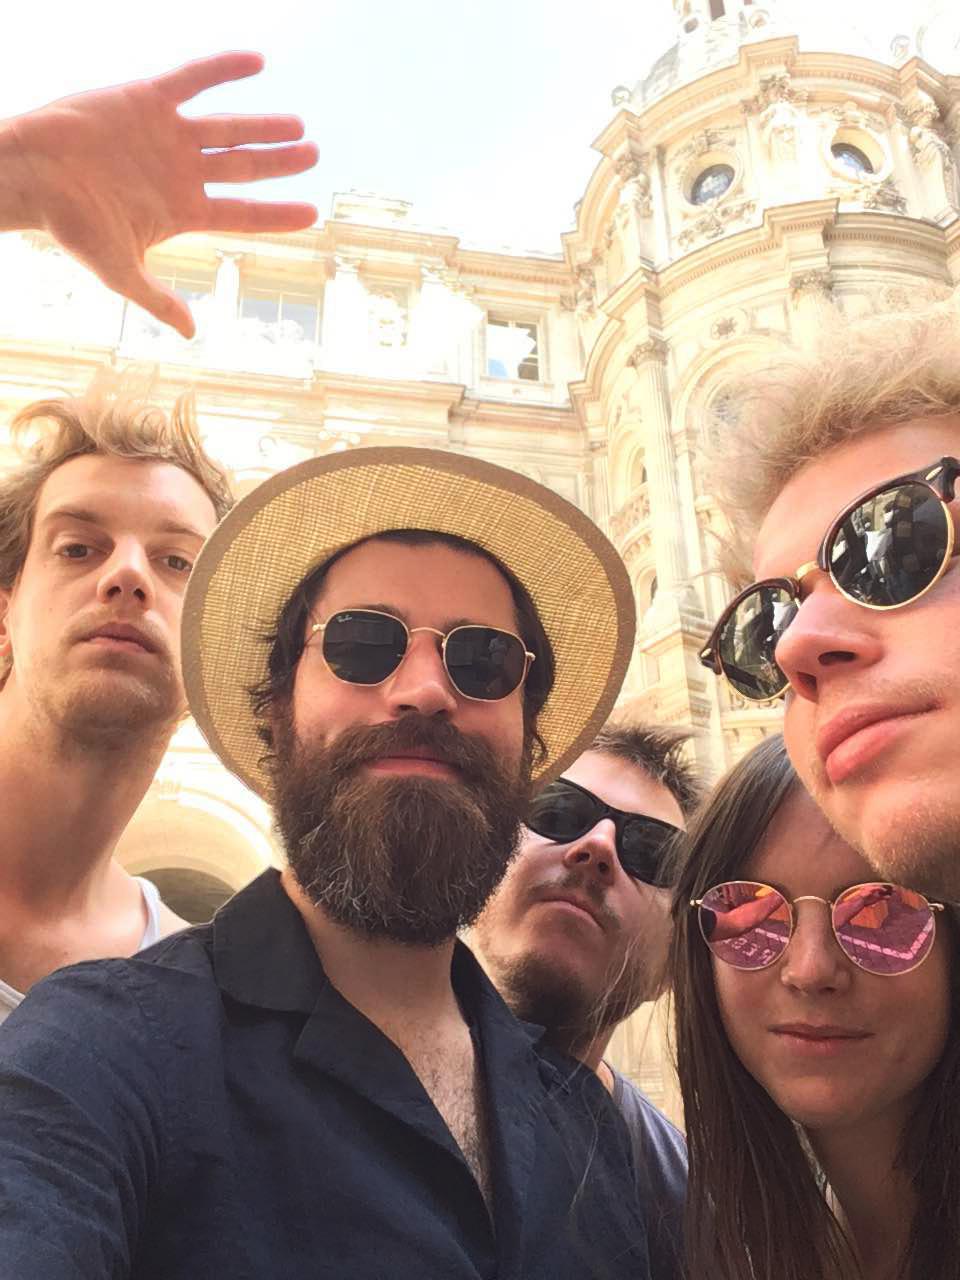 Balthazar selfie original du groupe musique festival Fnac Live 2016 Paris Maarten Devoldere Patricia Vanneste Jinte Deprez Simon Casier Michiel Balcaen photo exclu usofparis blog